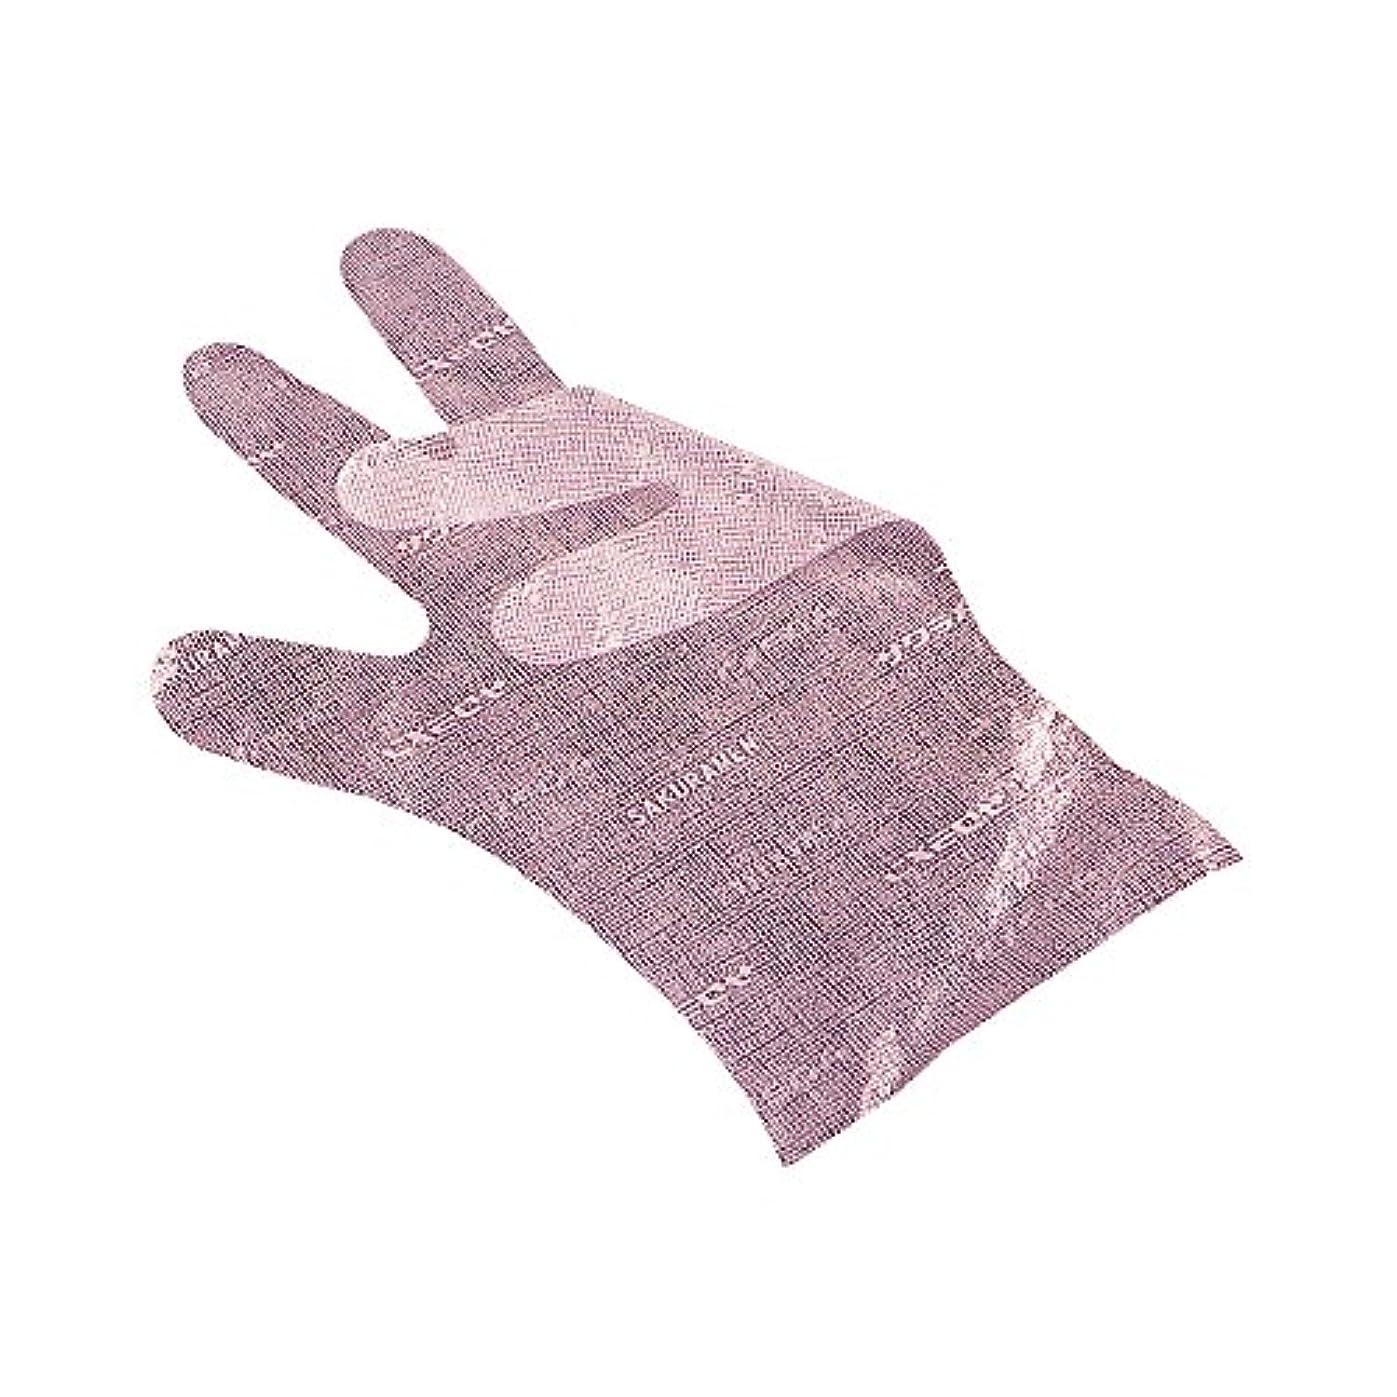 作動するシロクマ報復サクラメンエンボス手袋 デラックス ピンク L 100枚入